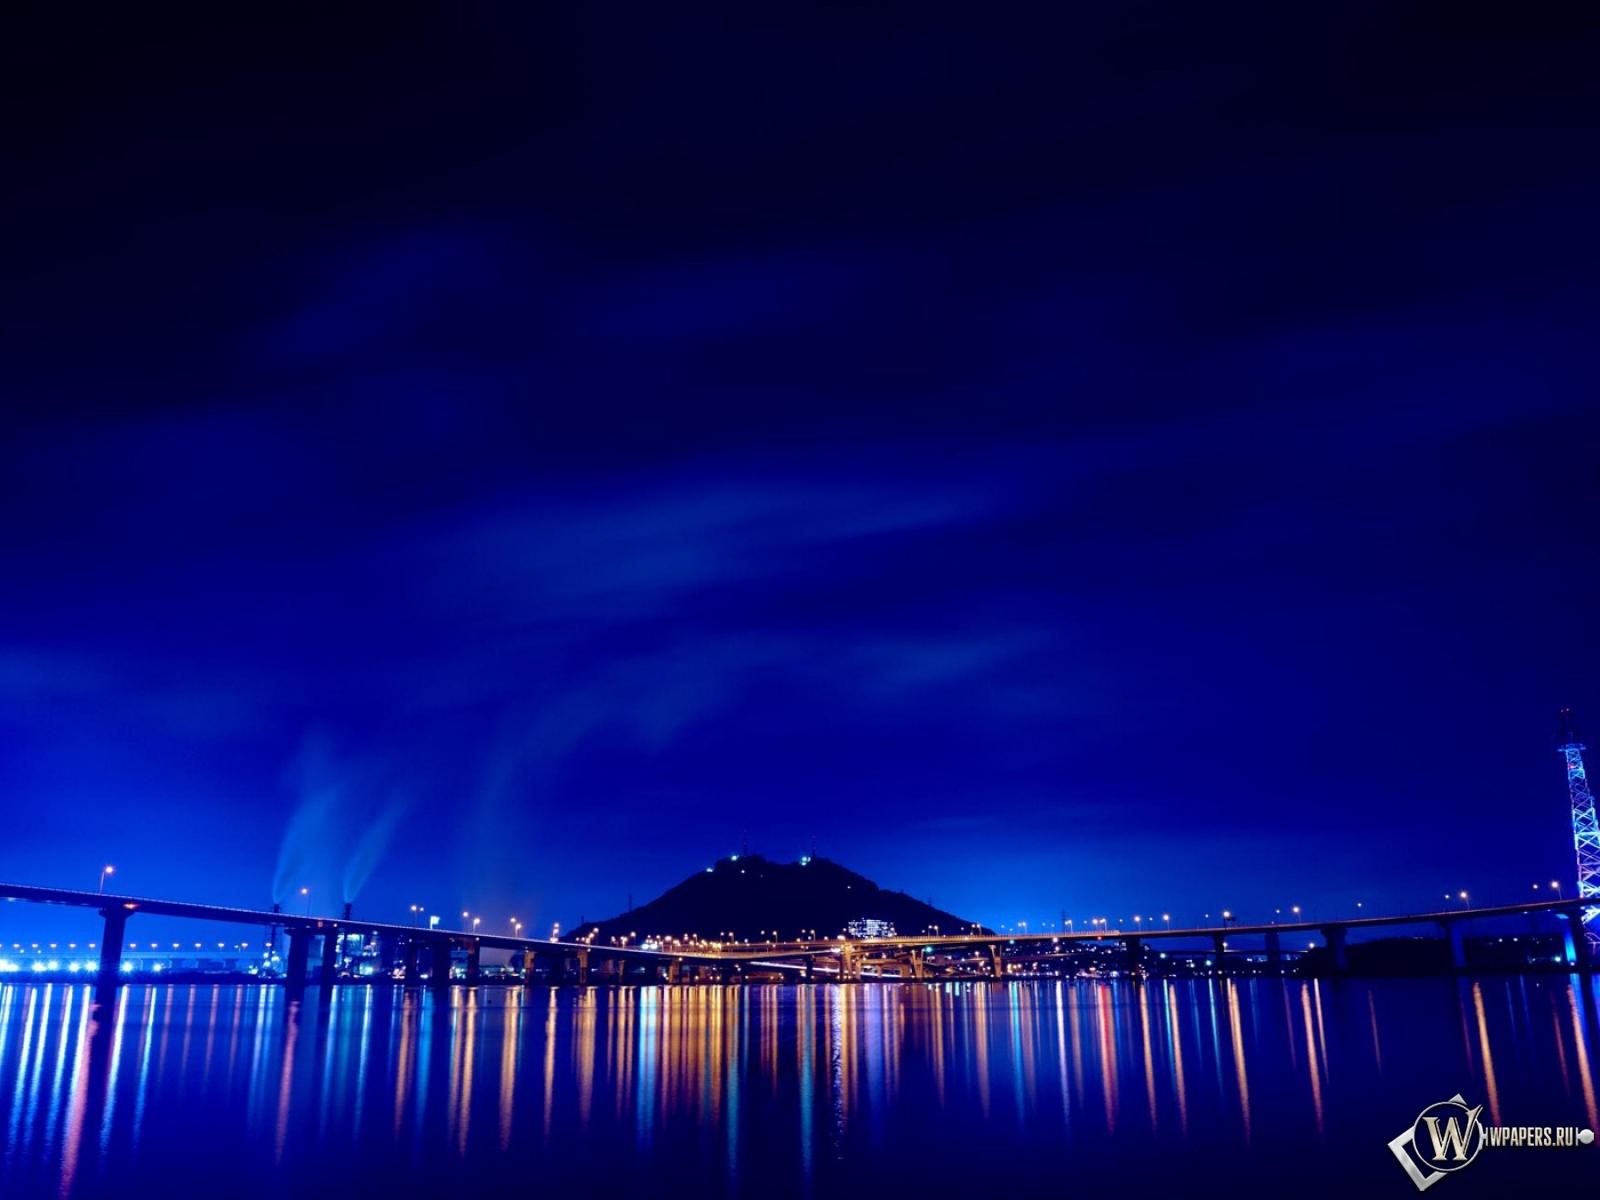 Ночной мост 1600x1200